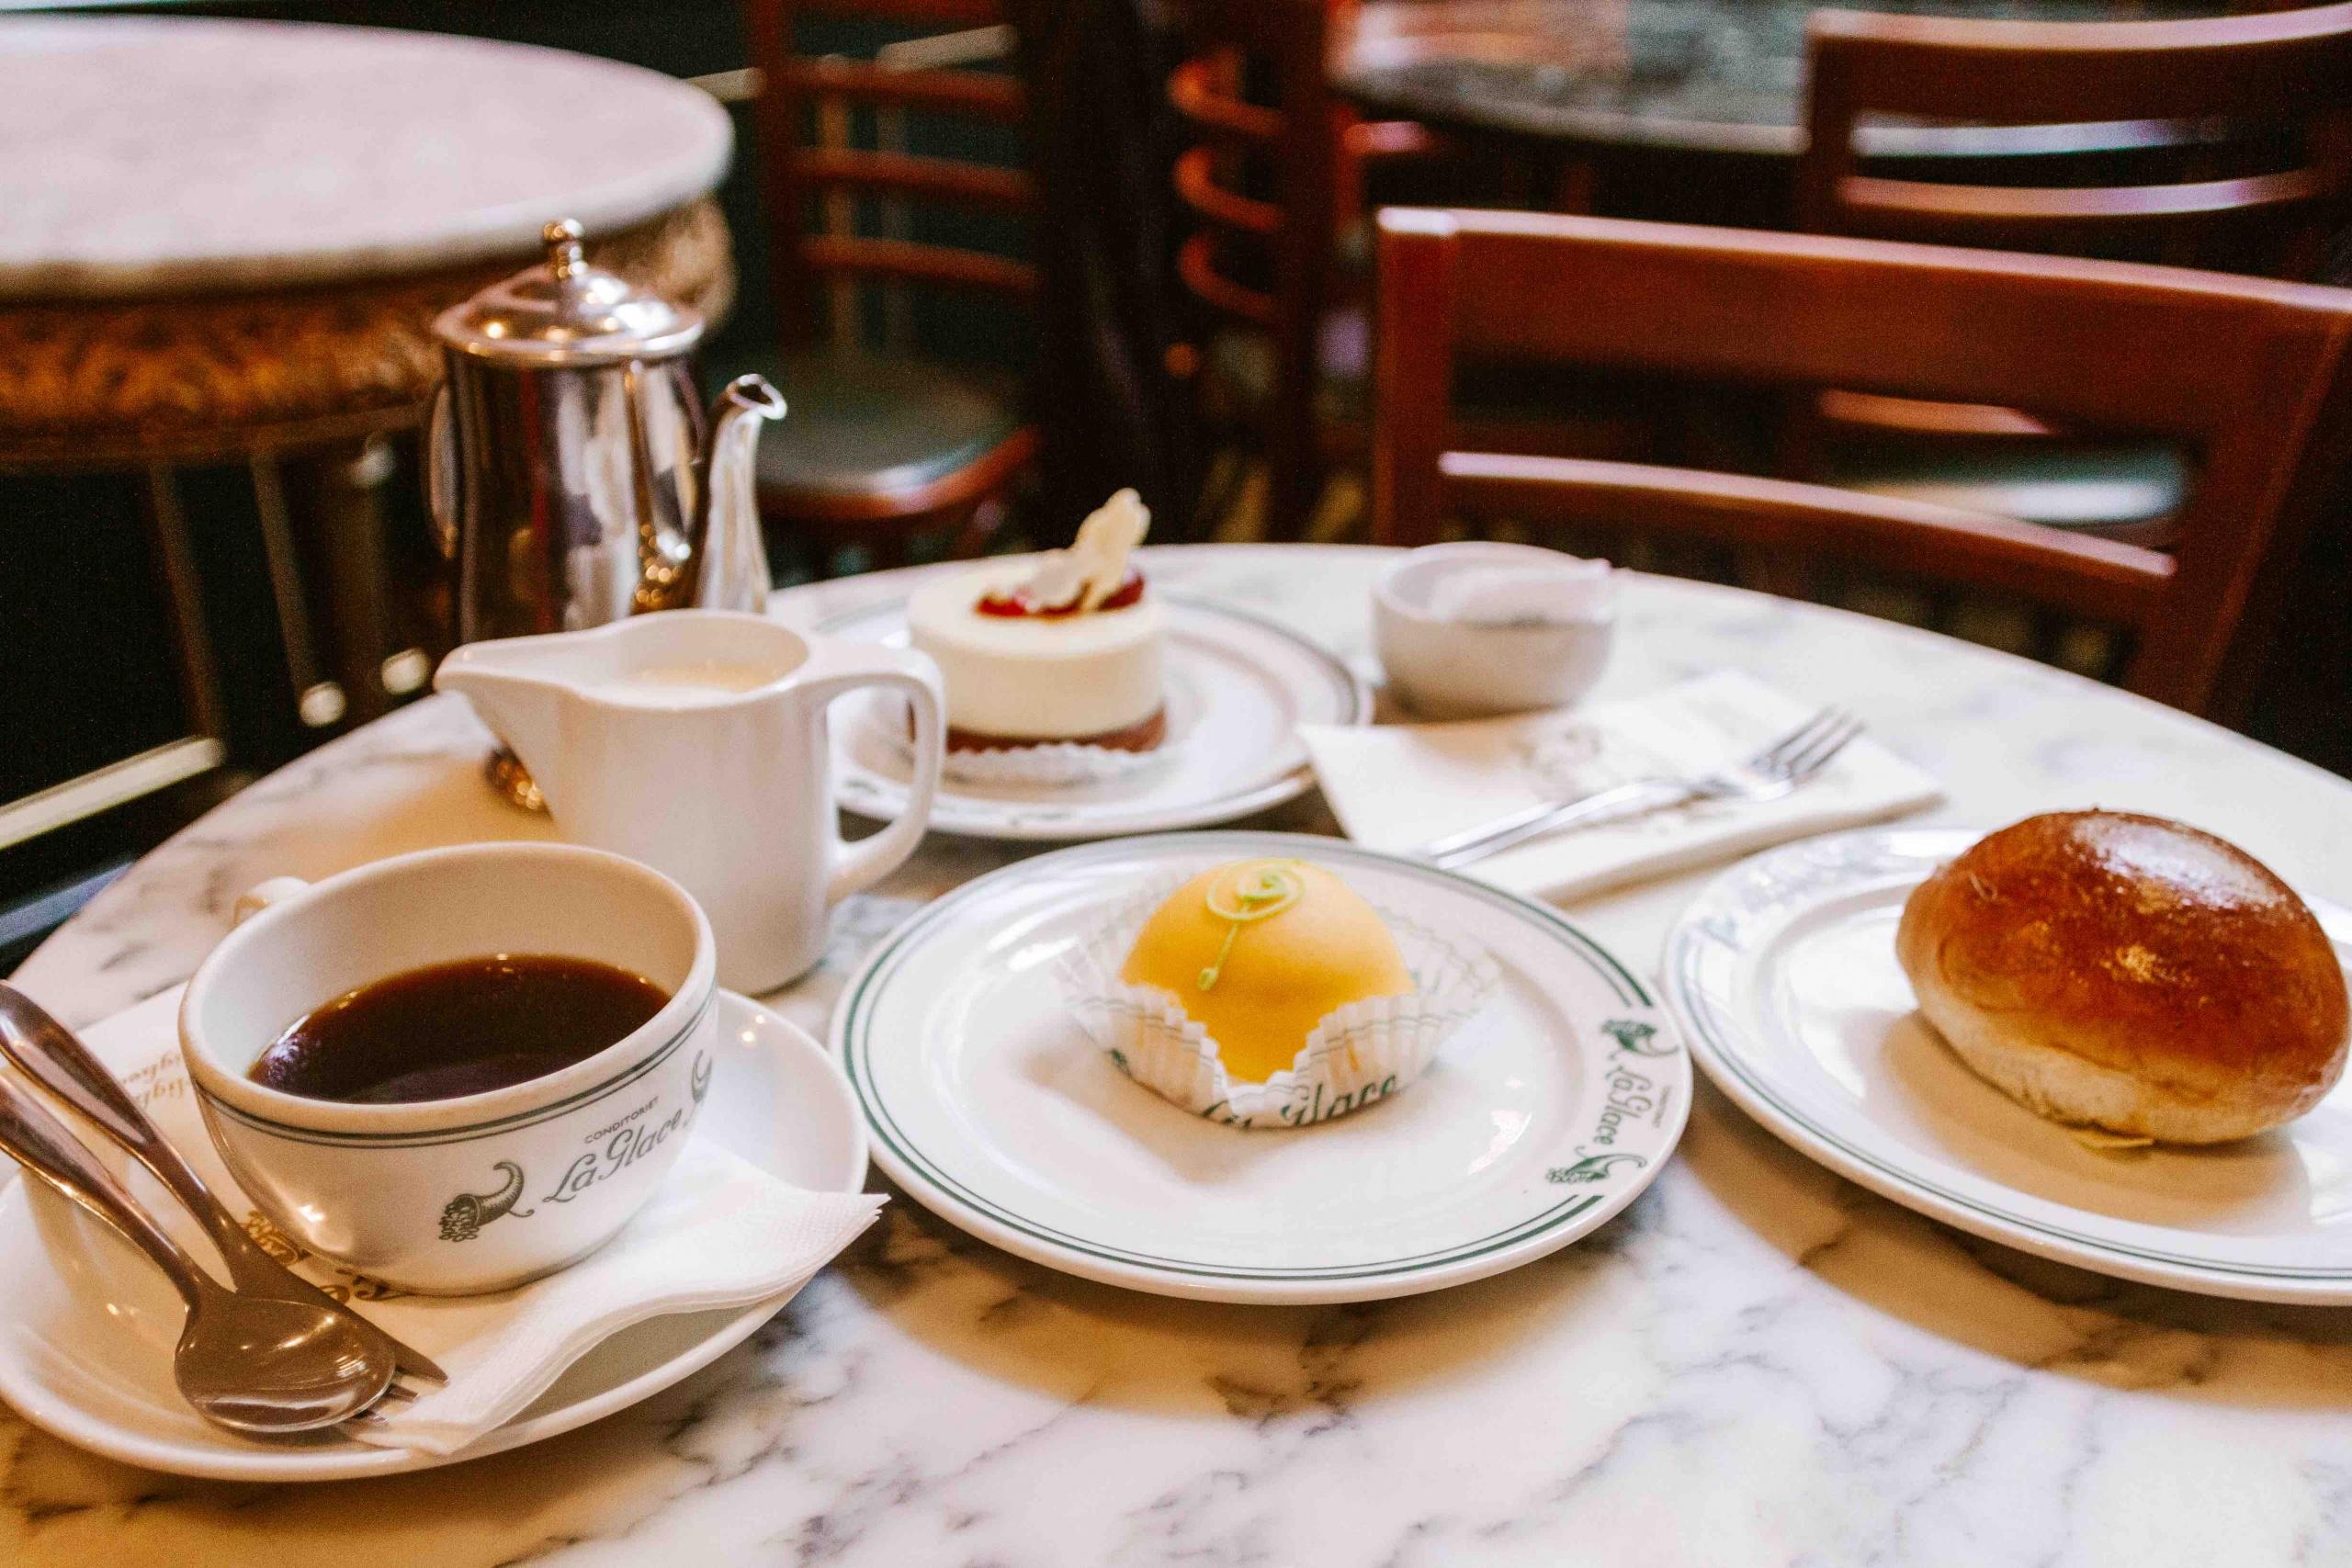 Dolci tradizionali danesi e tazza di caffè su tavolo di marmo bianco